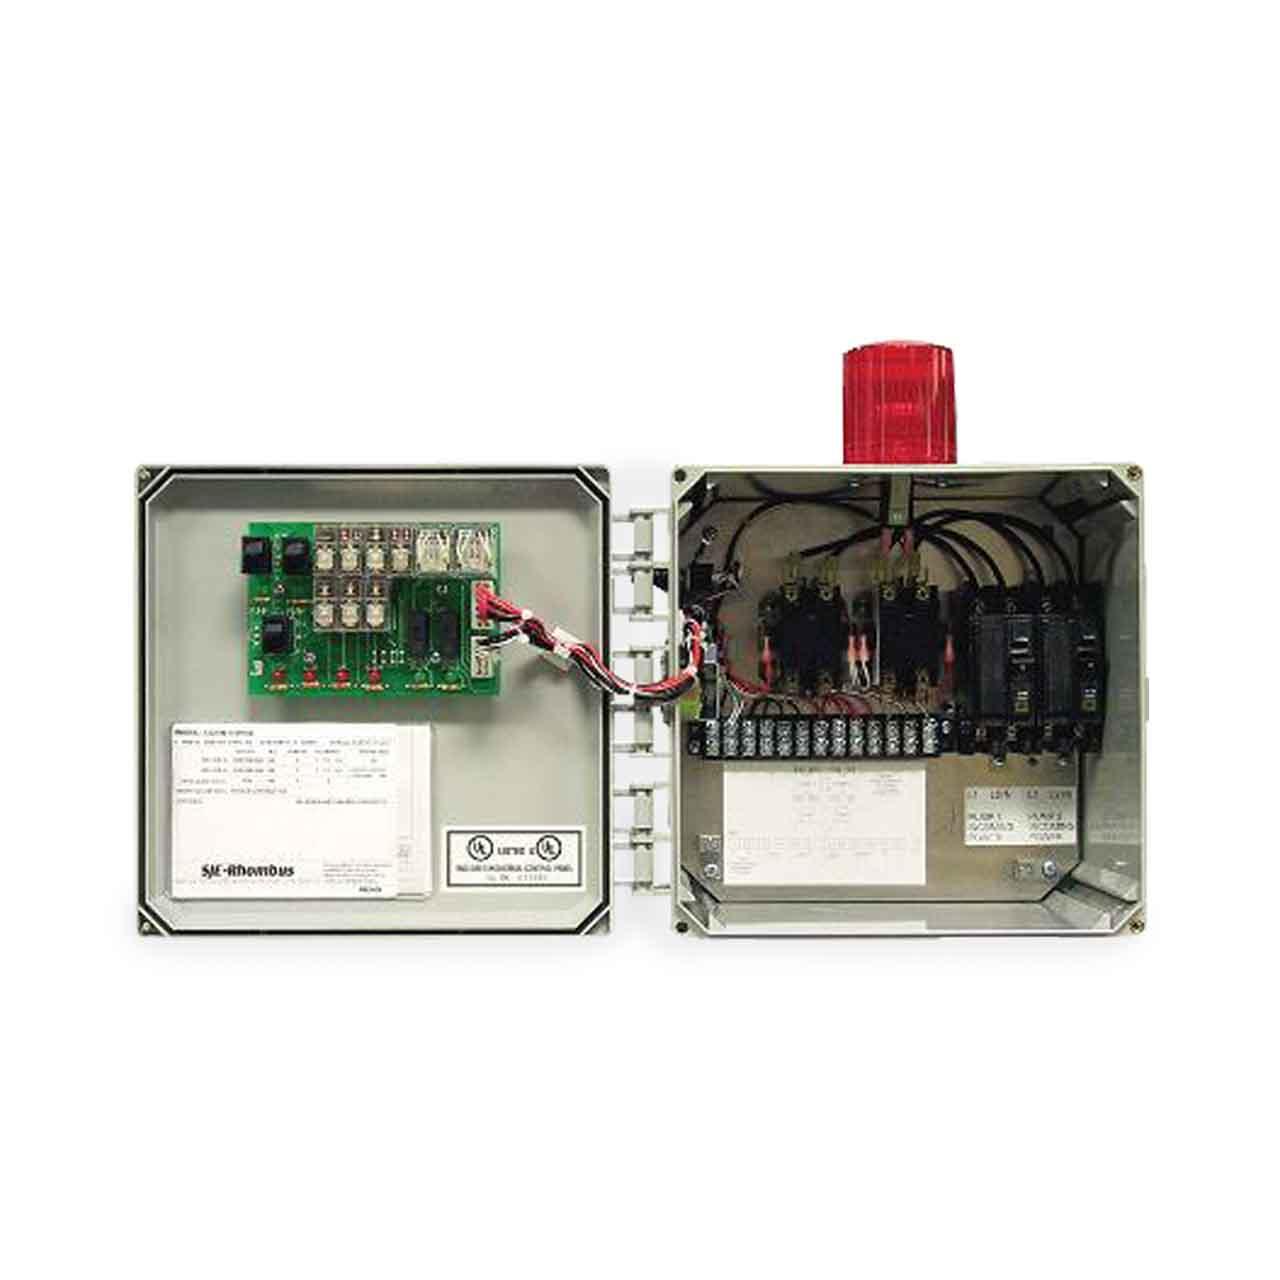 hight resolution of sje rhombus sje rhombus model 122 duplex alternating single phase pump control cp sje122